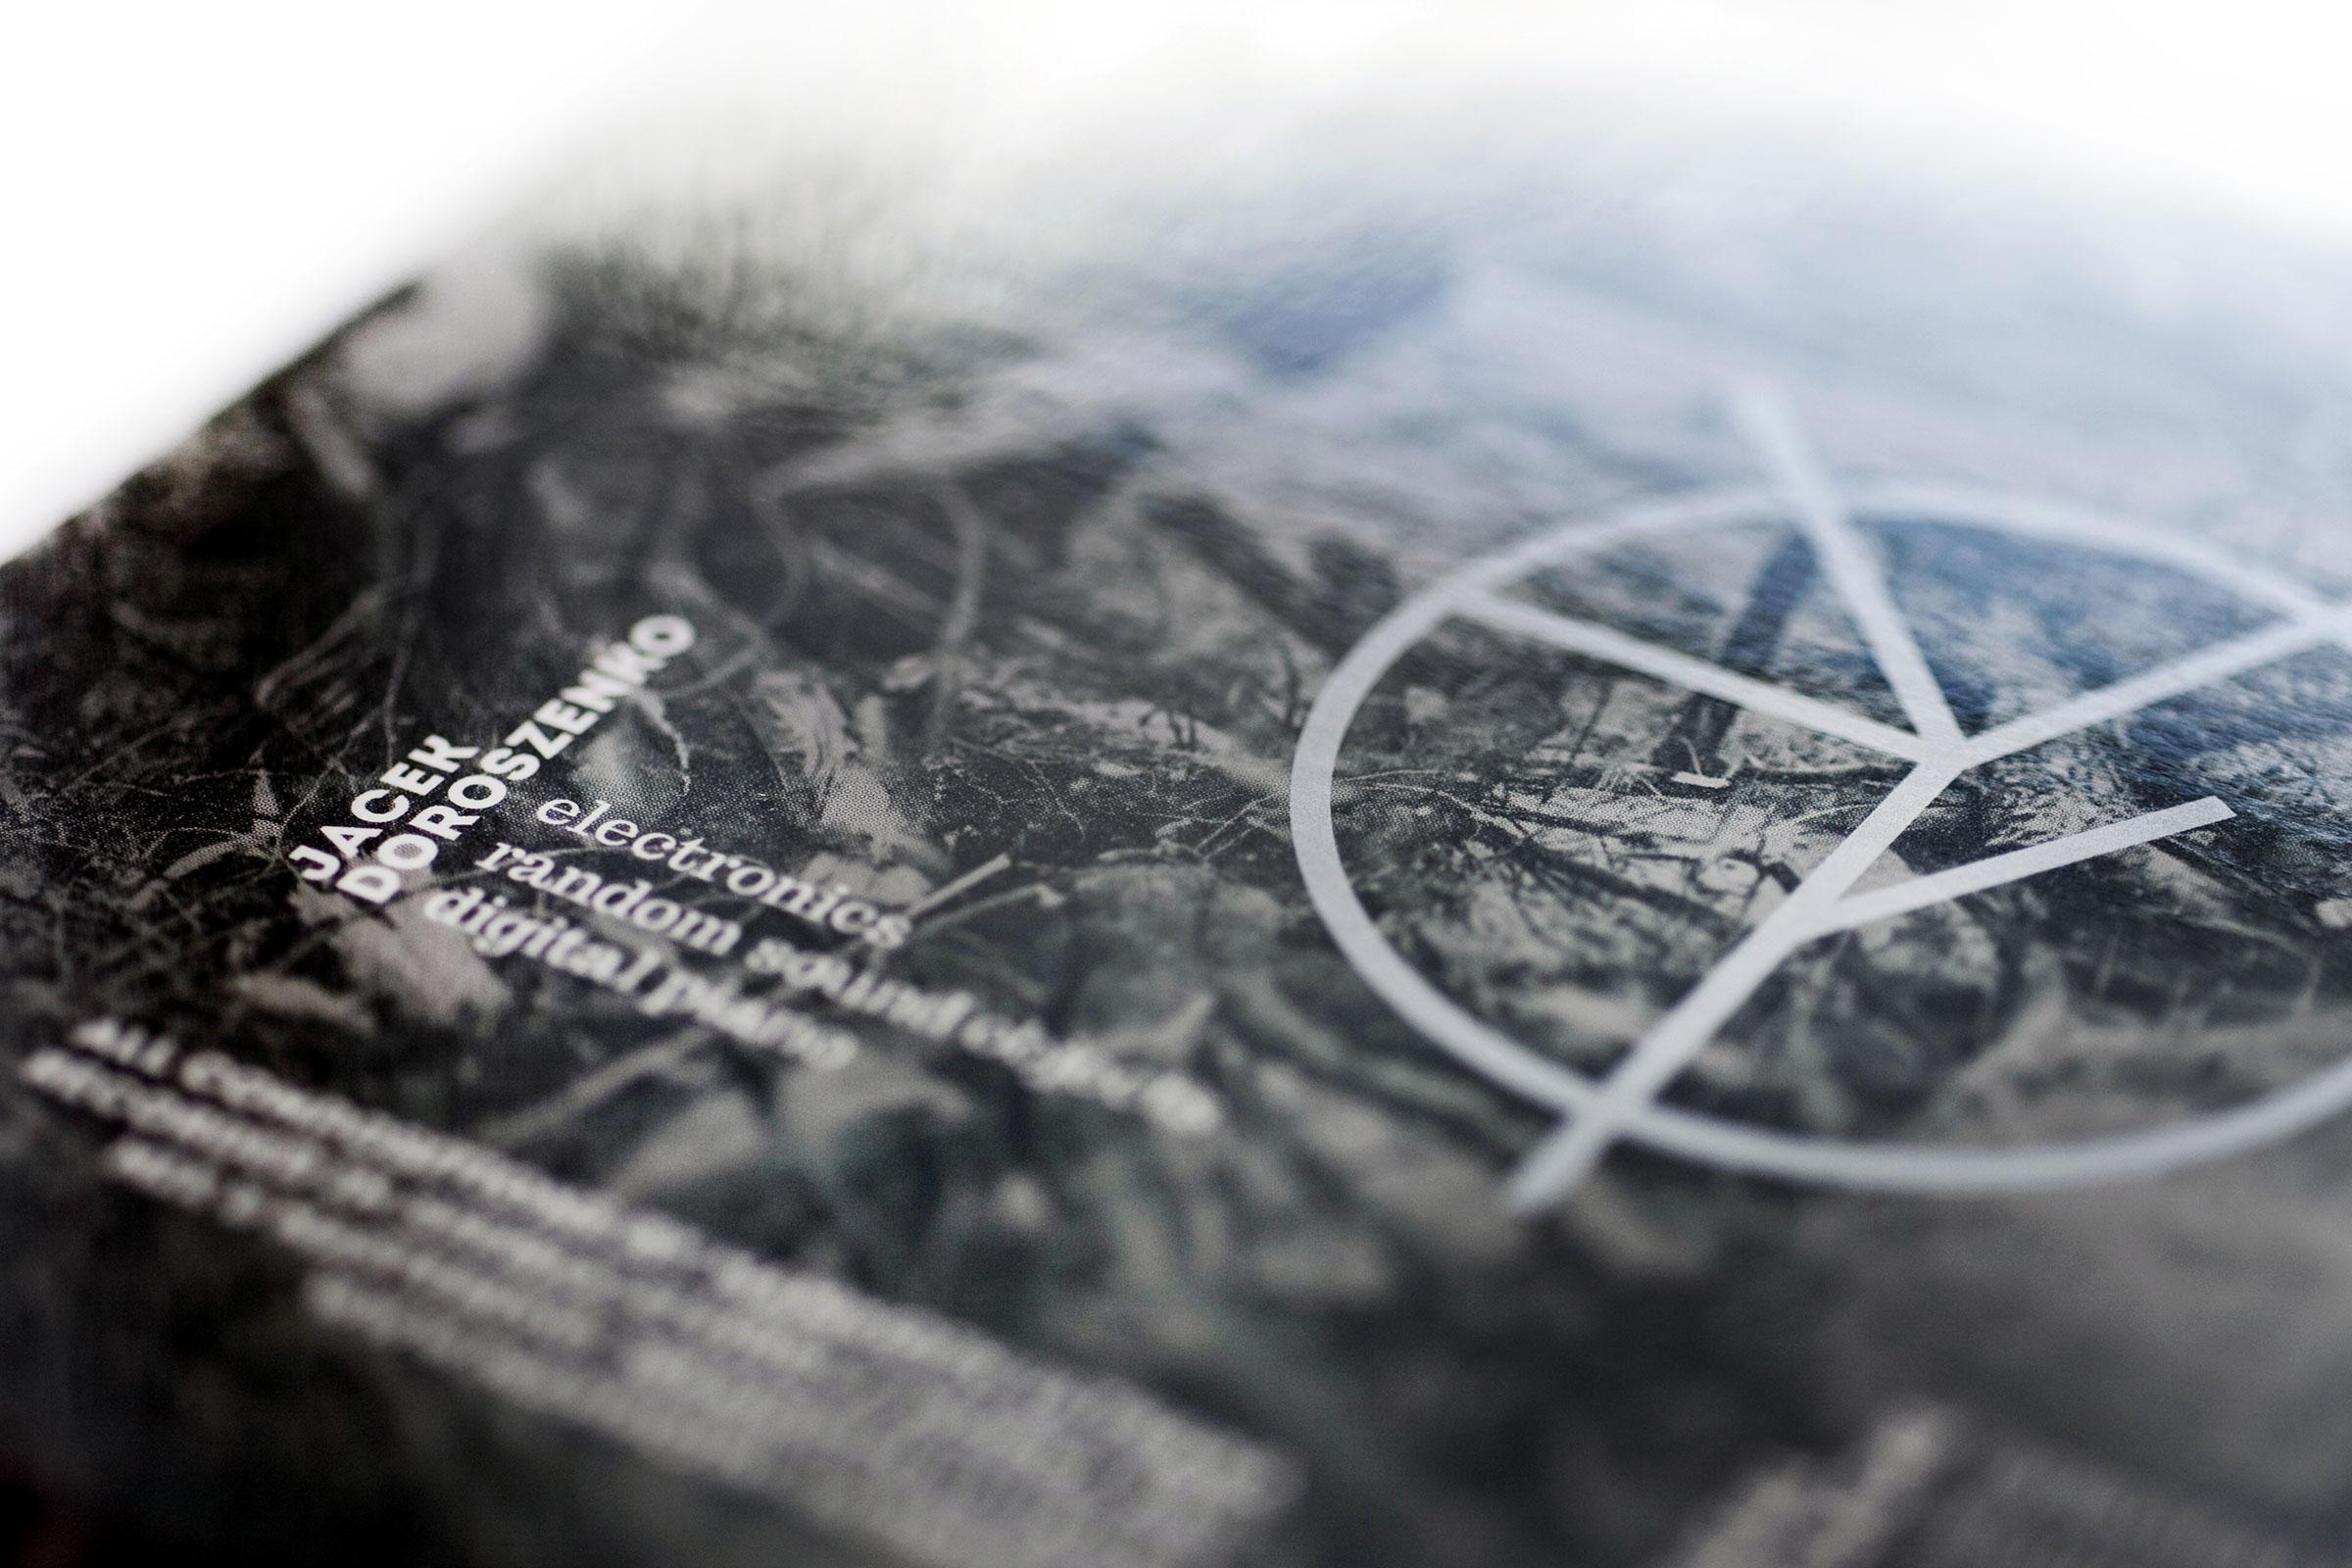 Jacek Doroszenko - Mammoth Ulthana CD album, detail 3